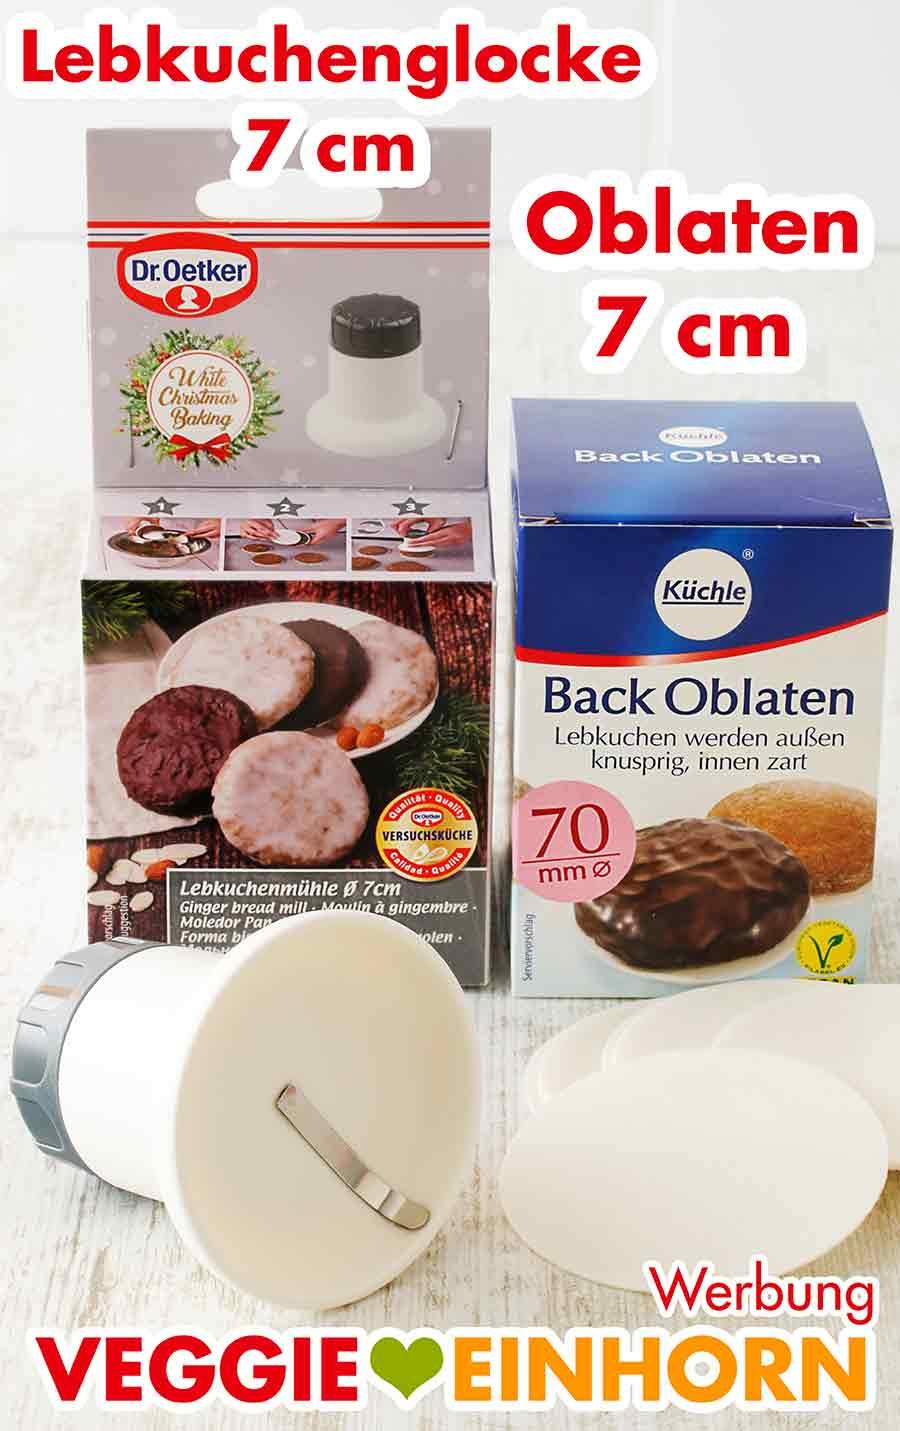 Lebkuchenglocke 7 cm von Dr. Oetker und Backoblaten 70 mm von Küchle